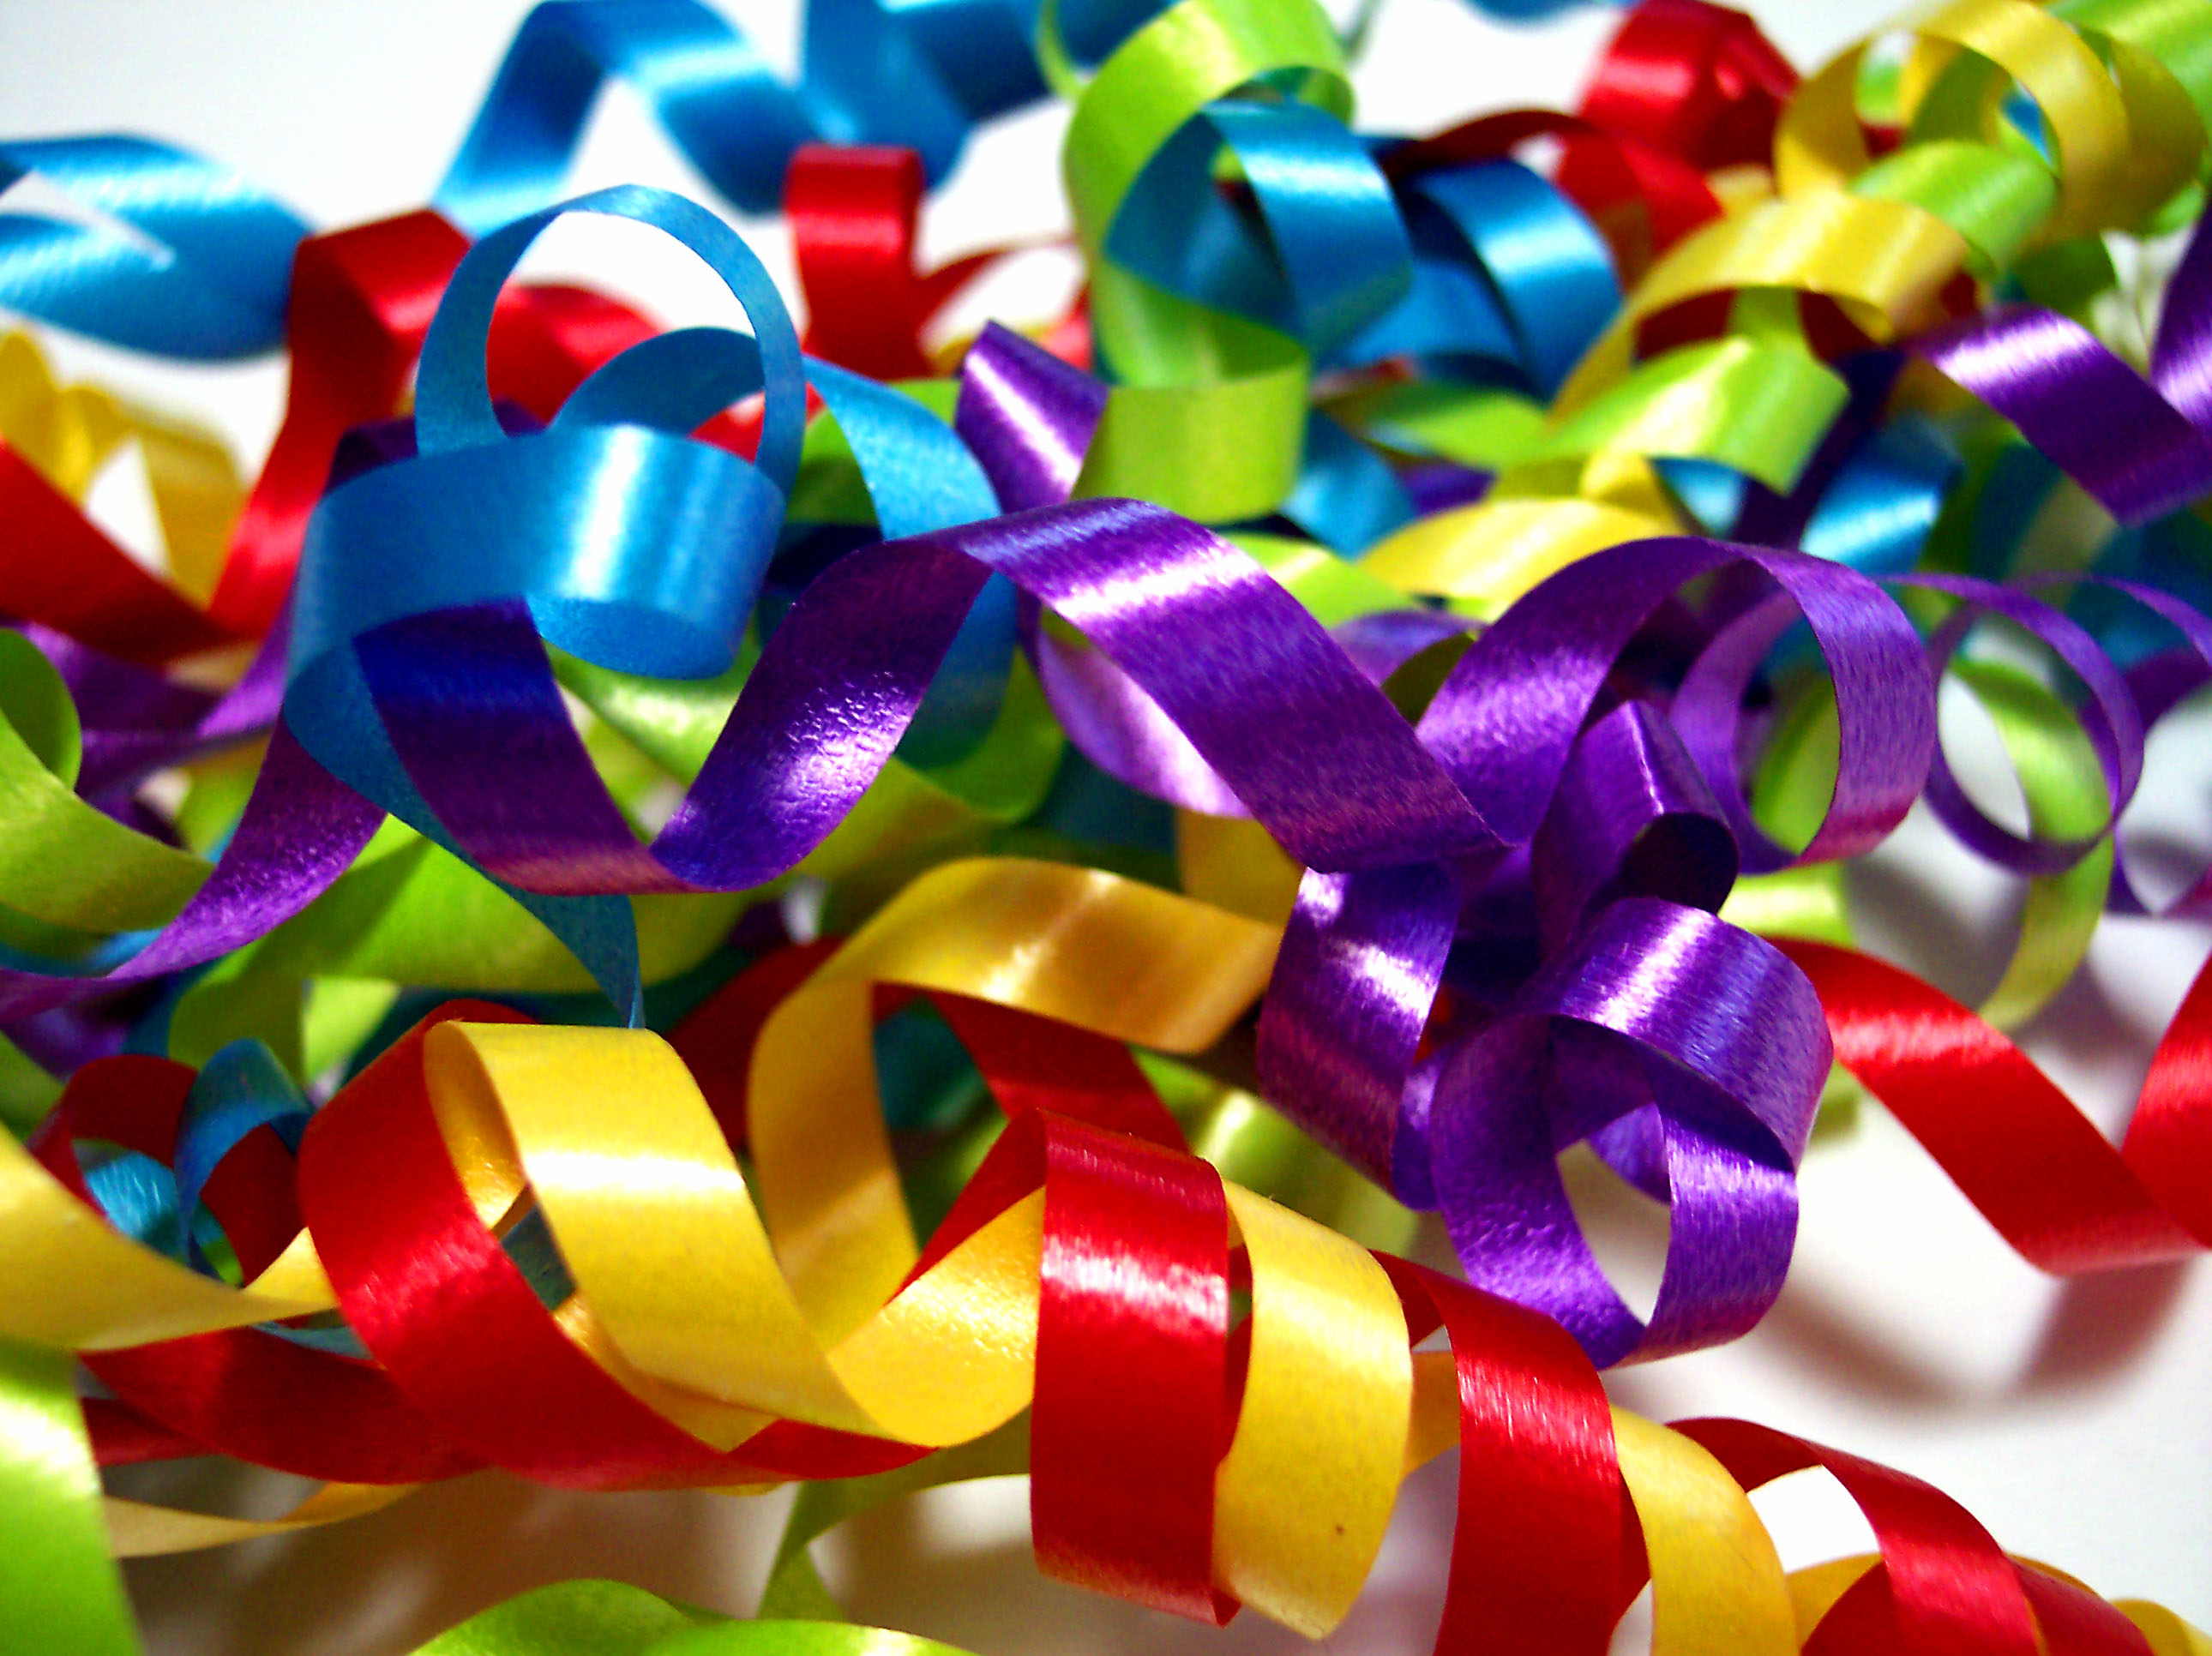 Für Kinder sind Geburtstage besonders wichtig – Ideen für eine gelungene Geburtstagsparty